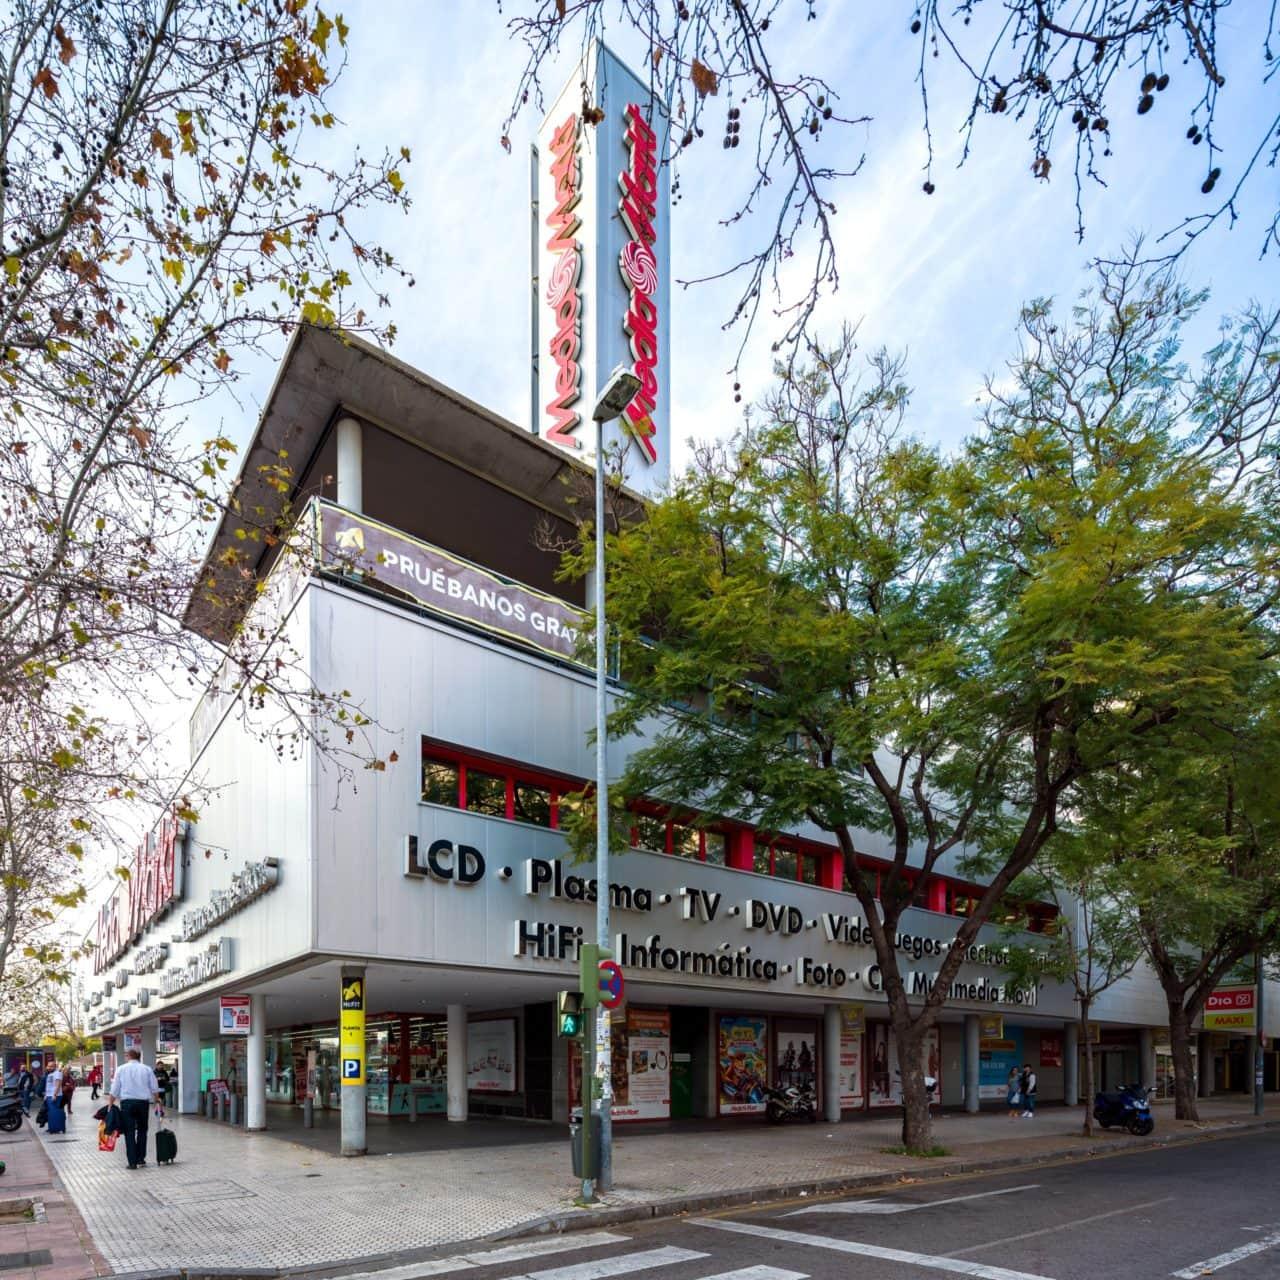 Vista del Centro Comercial desde una de las esquinas de la calle